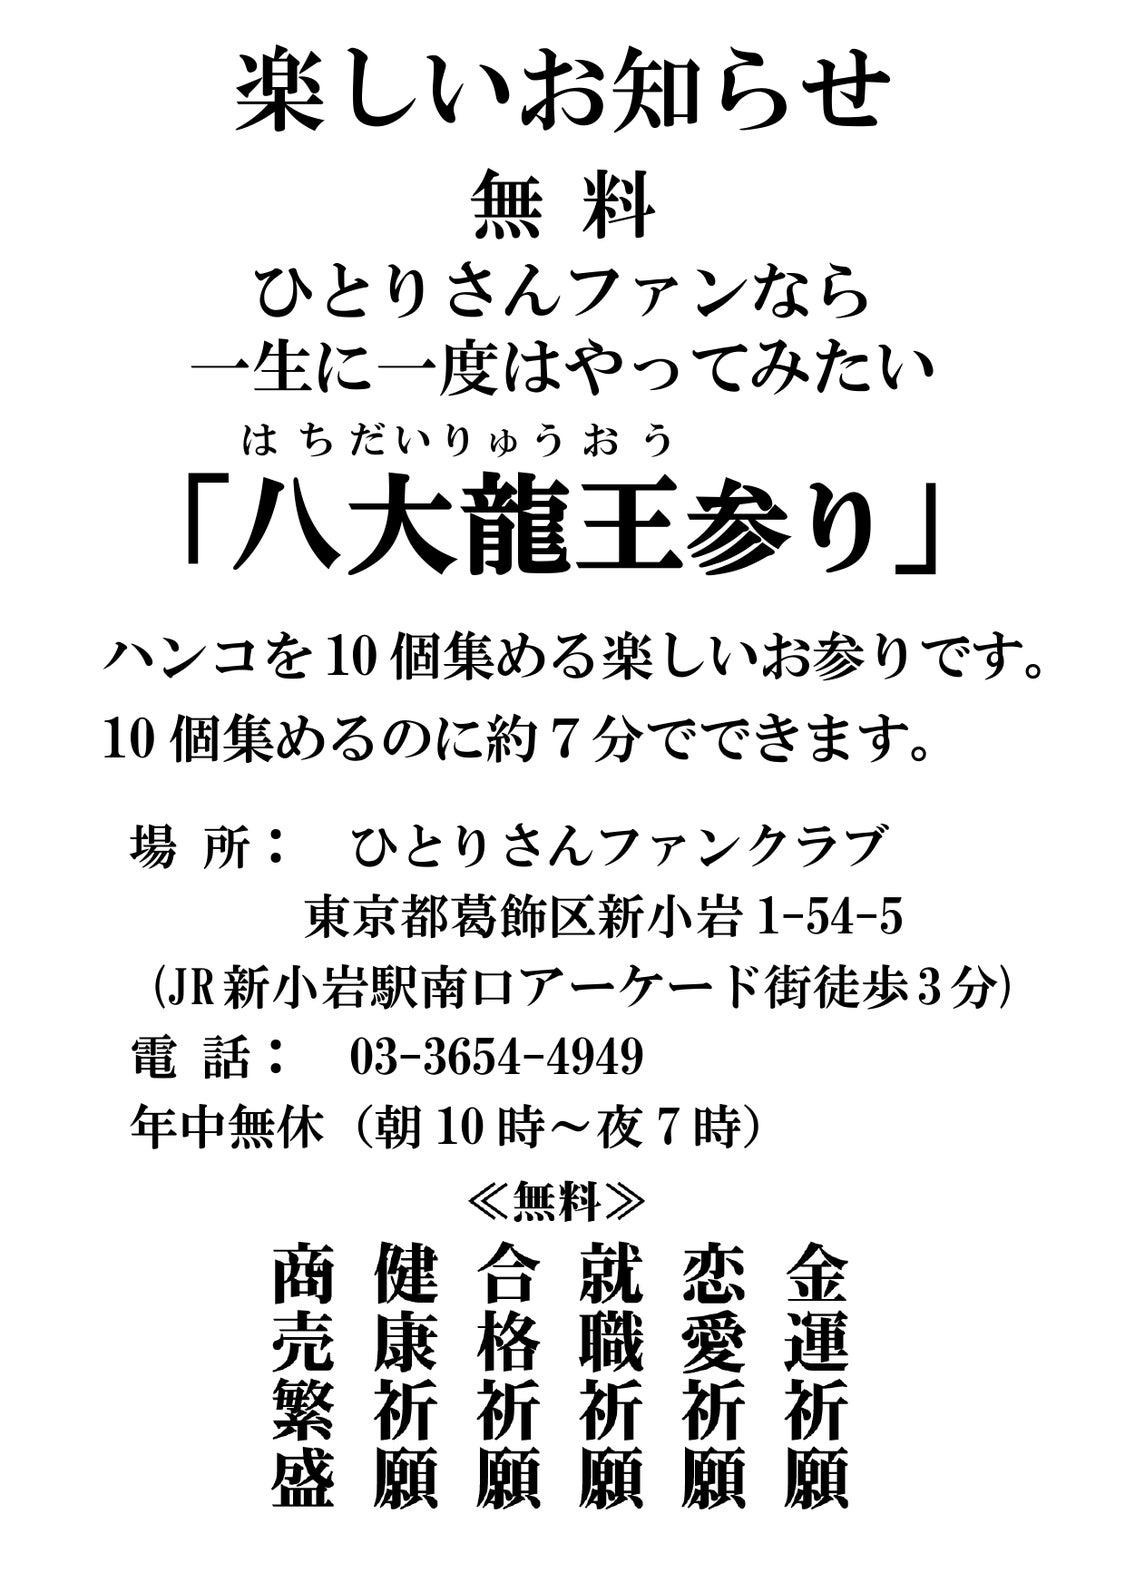 斉藤一人 公式ブログ 一日一語 9月27日の記事より